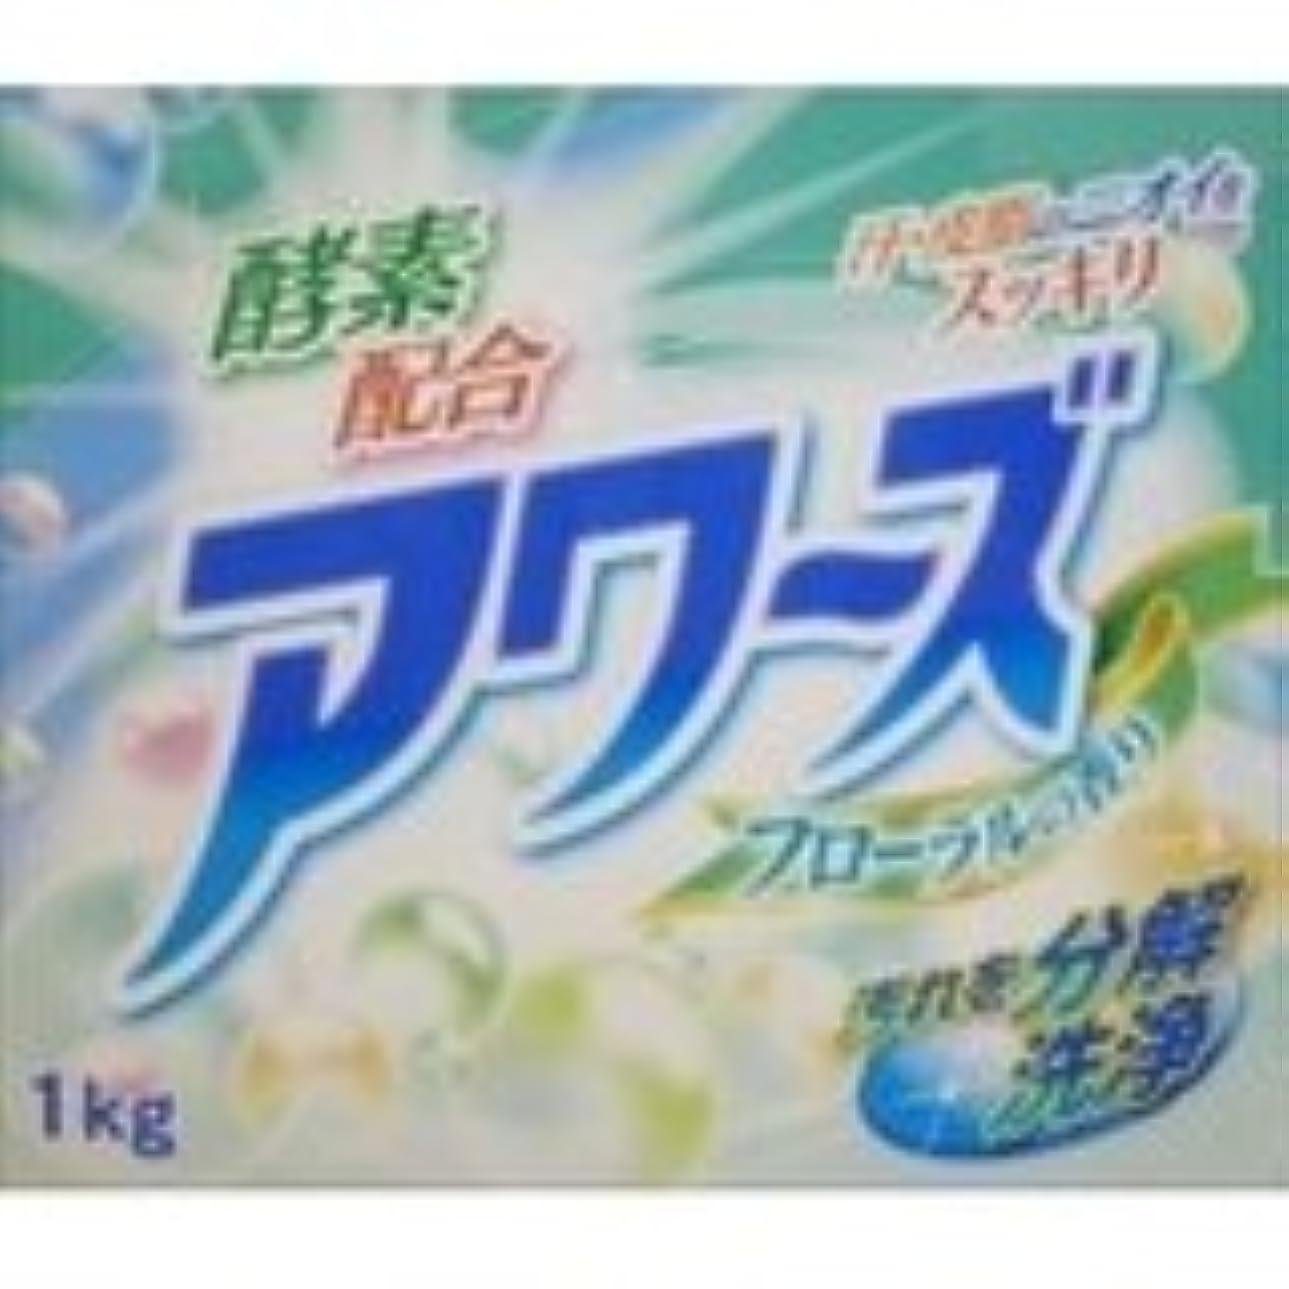 メダリスト怠けたロンドンロケット石鹸:薬用ハンドソープ メディキュッ 大型詰替用 1000ml×12本 4571113800642